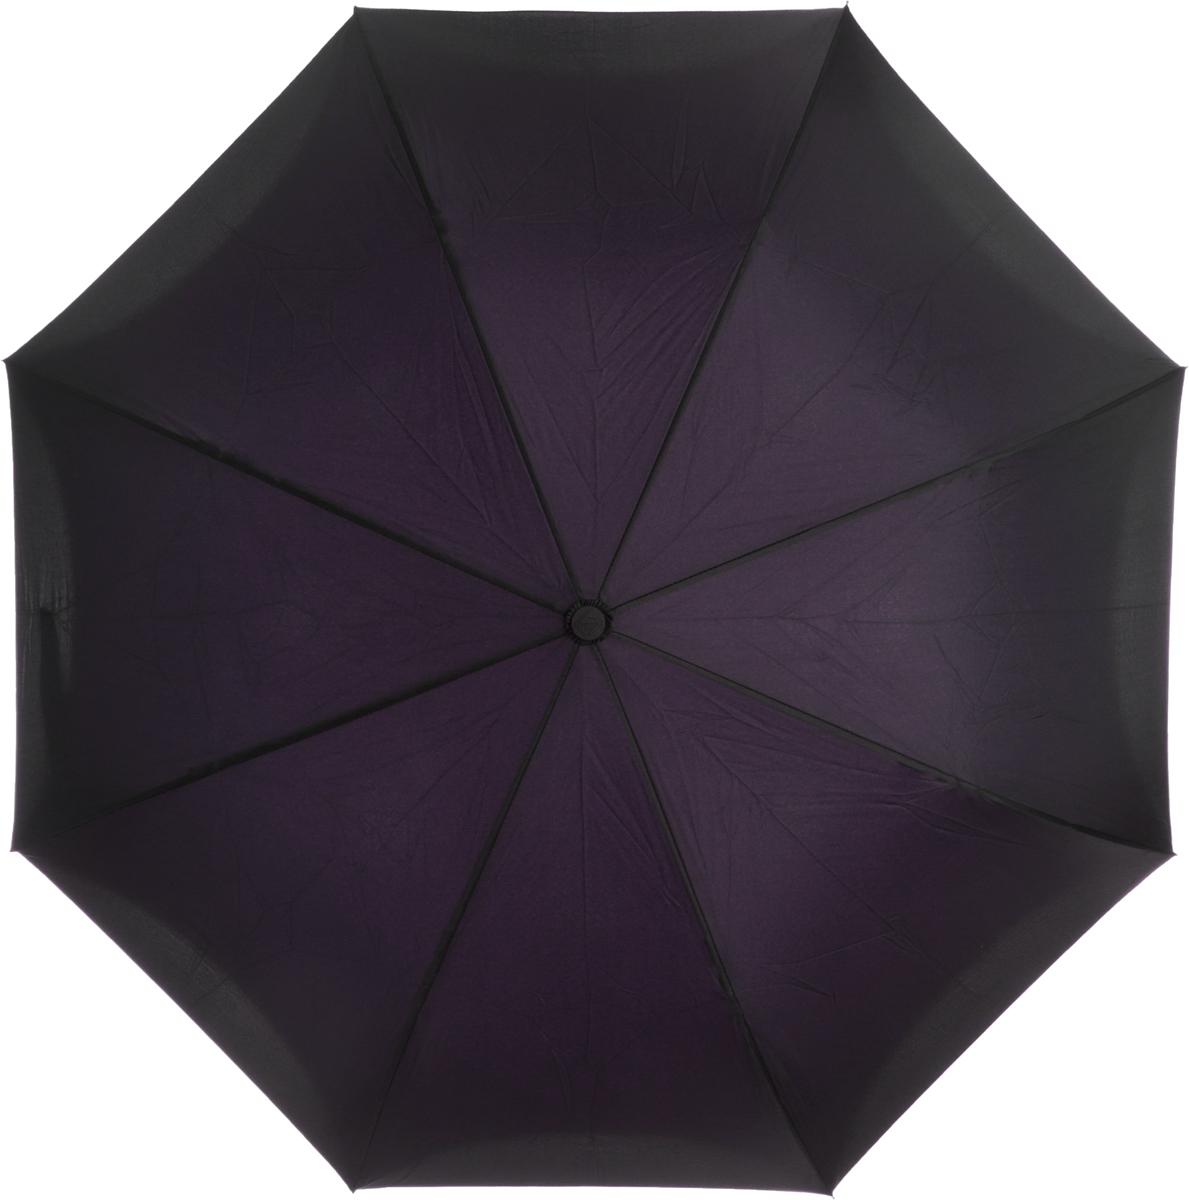 Зонт-трость женский Flioraj, механика, цвет: фиолетовый. 120005 FJСерьги с подвескамиОригинальный зонт-трость Flioraj надежно защитит вас от дождя. Зонт складывается внутренней (сухой) стороной наружу, избавляя владельца от контакта с мокрой поверхностью. Приходя в незнакомое место у Вас не будет неловкого момента от того, что некуда убрать мокрый зонт - Вы сможете спокойно высушить его позже, закончив свои дела. Зонт Miracle очень удобен для автомобилистов: садясь в машину, Вы аккуратно закрываете зонт, не уронив ни одной капли воды в салоне.Удобная ручка с гипоаллергенным покрытием Soft-Touch позволяет высвободить обе руки - Вы спокойно можете пользоваться телефоном, а зонт будет надежно держаться на Вашем запястье, защищая от капризов природы. Яркая расцветка и рисунок по внутренней части зонта поднимут Вам настроение! С таким зонтом больше ничто не испортит Ваших планов!